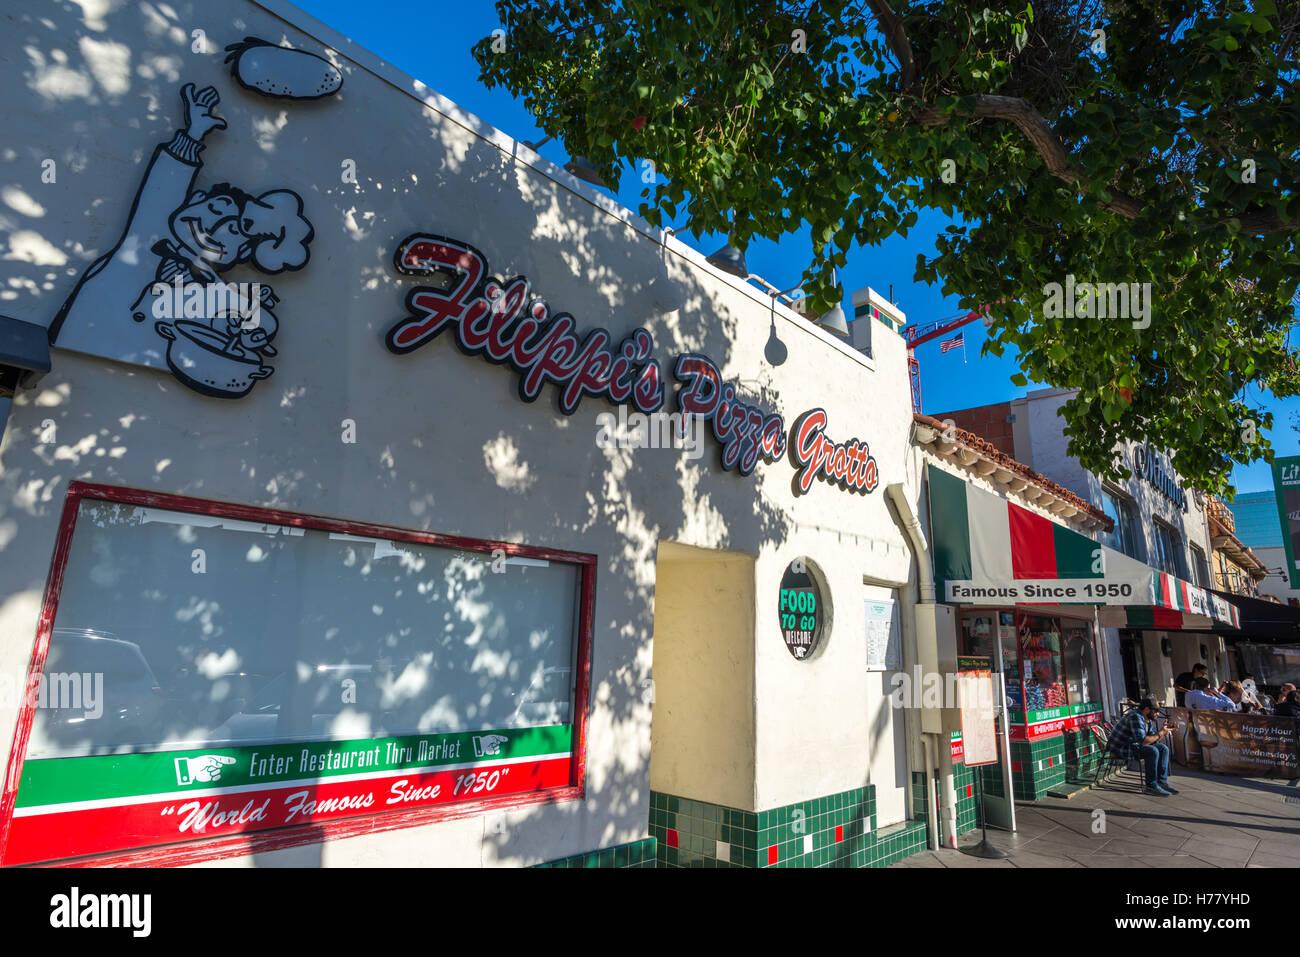 Pizza Restaurants Stockfotos & Pizza Restaurants Bilder - Seite 11 ...